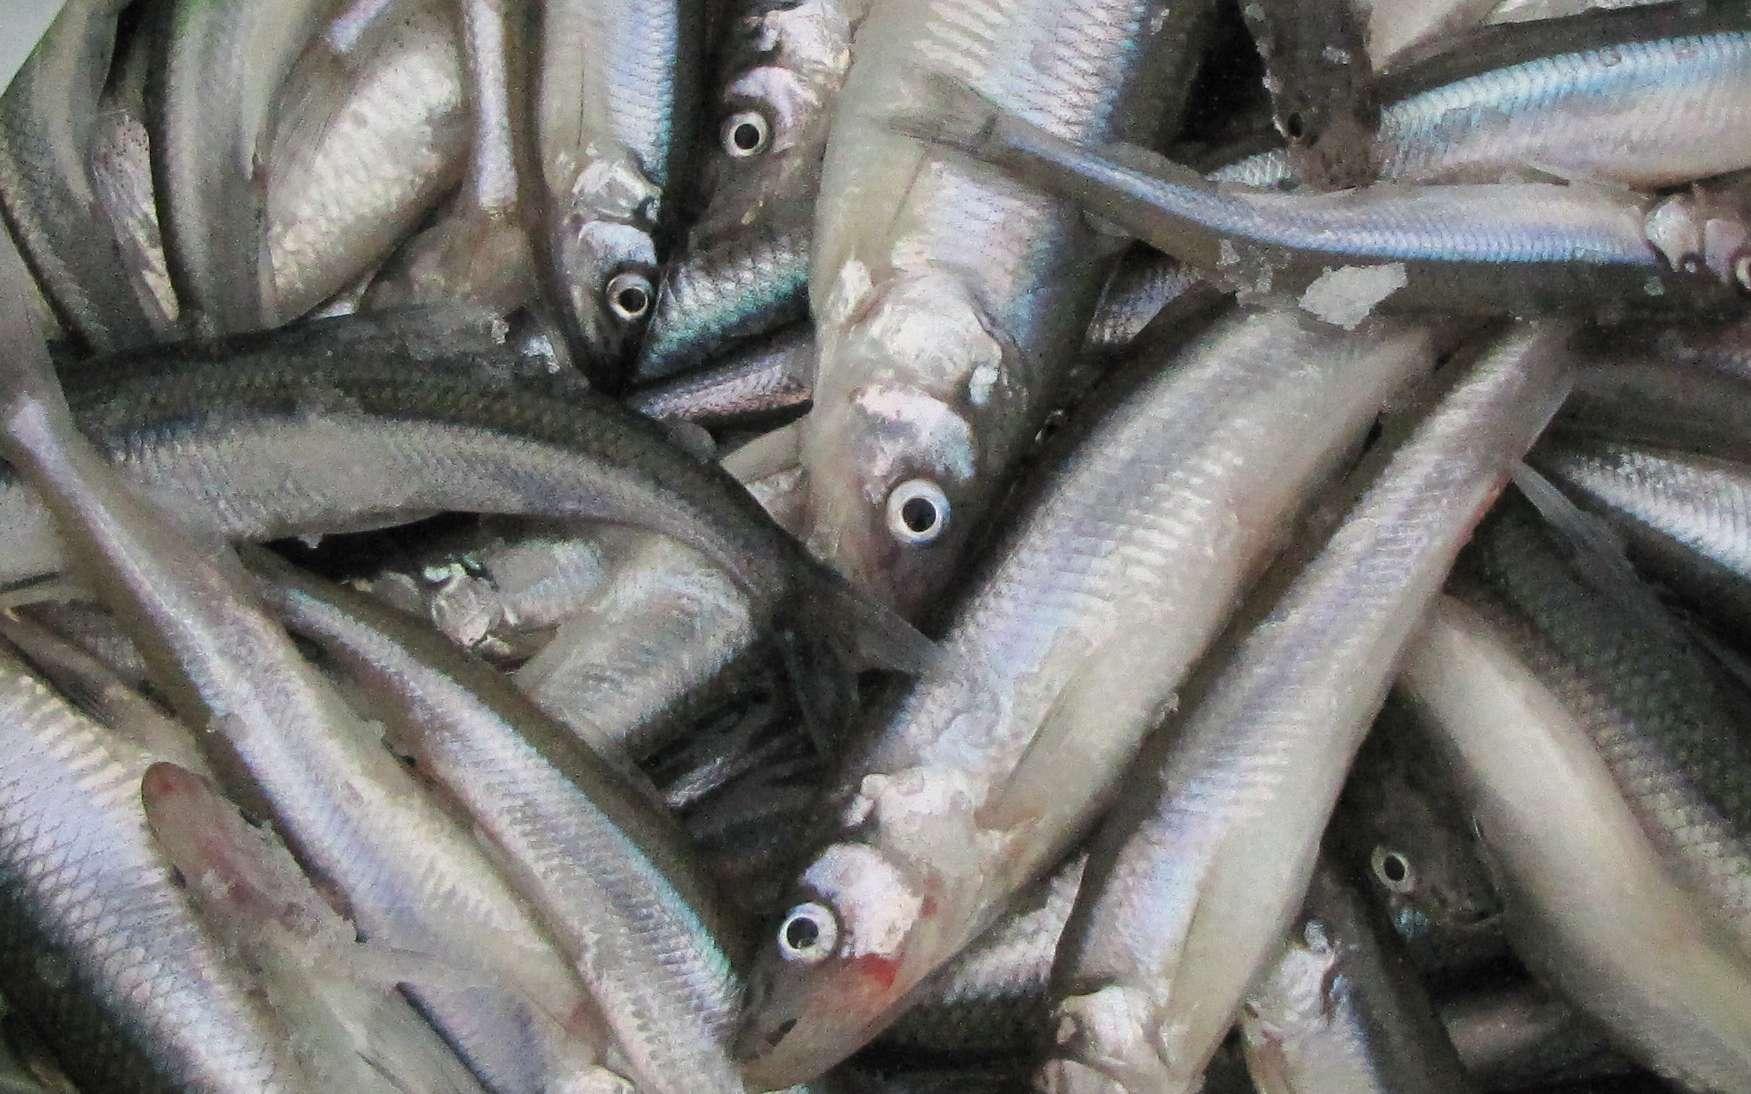 Корюшка: чем питается эта рыба, где водится в россии и зарубежом